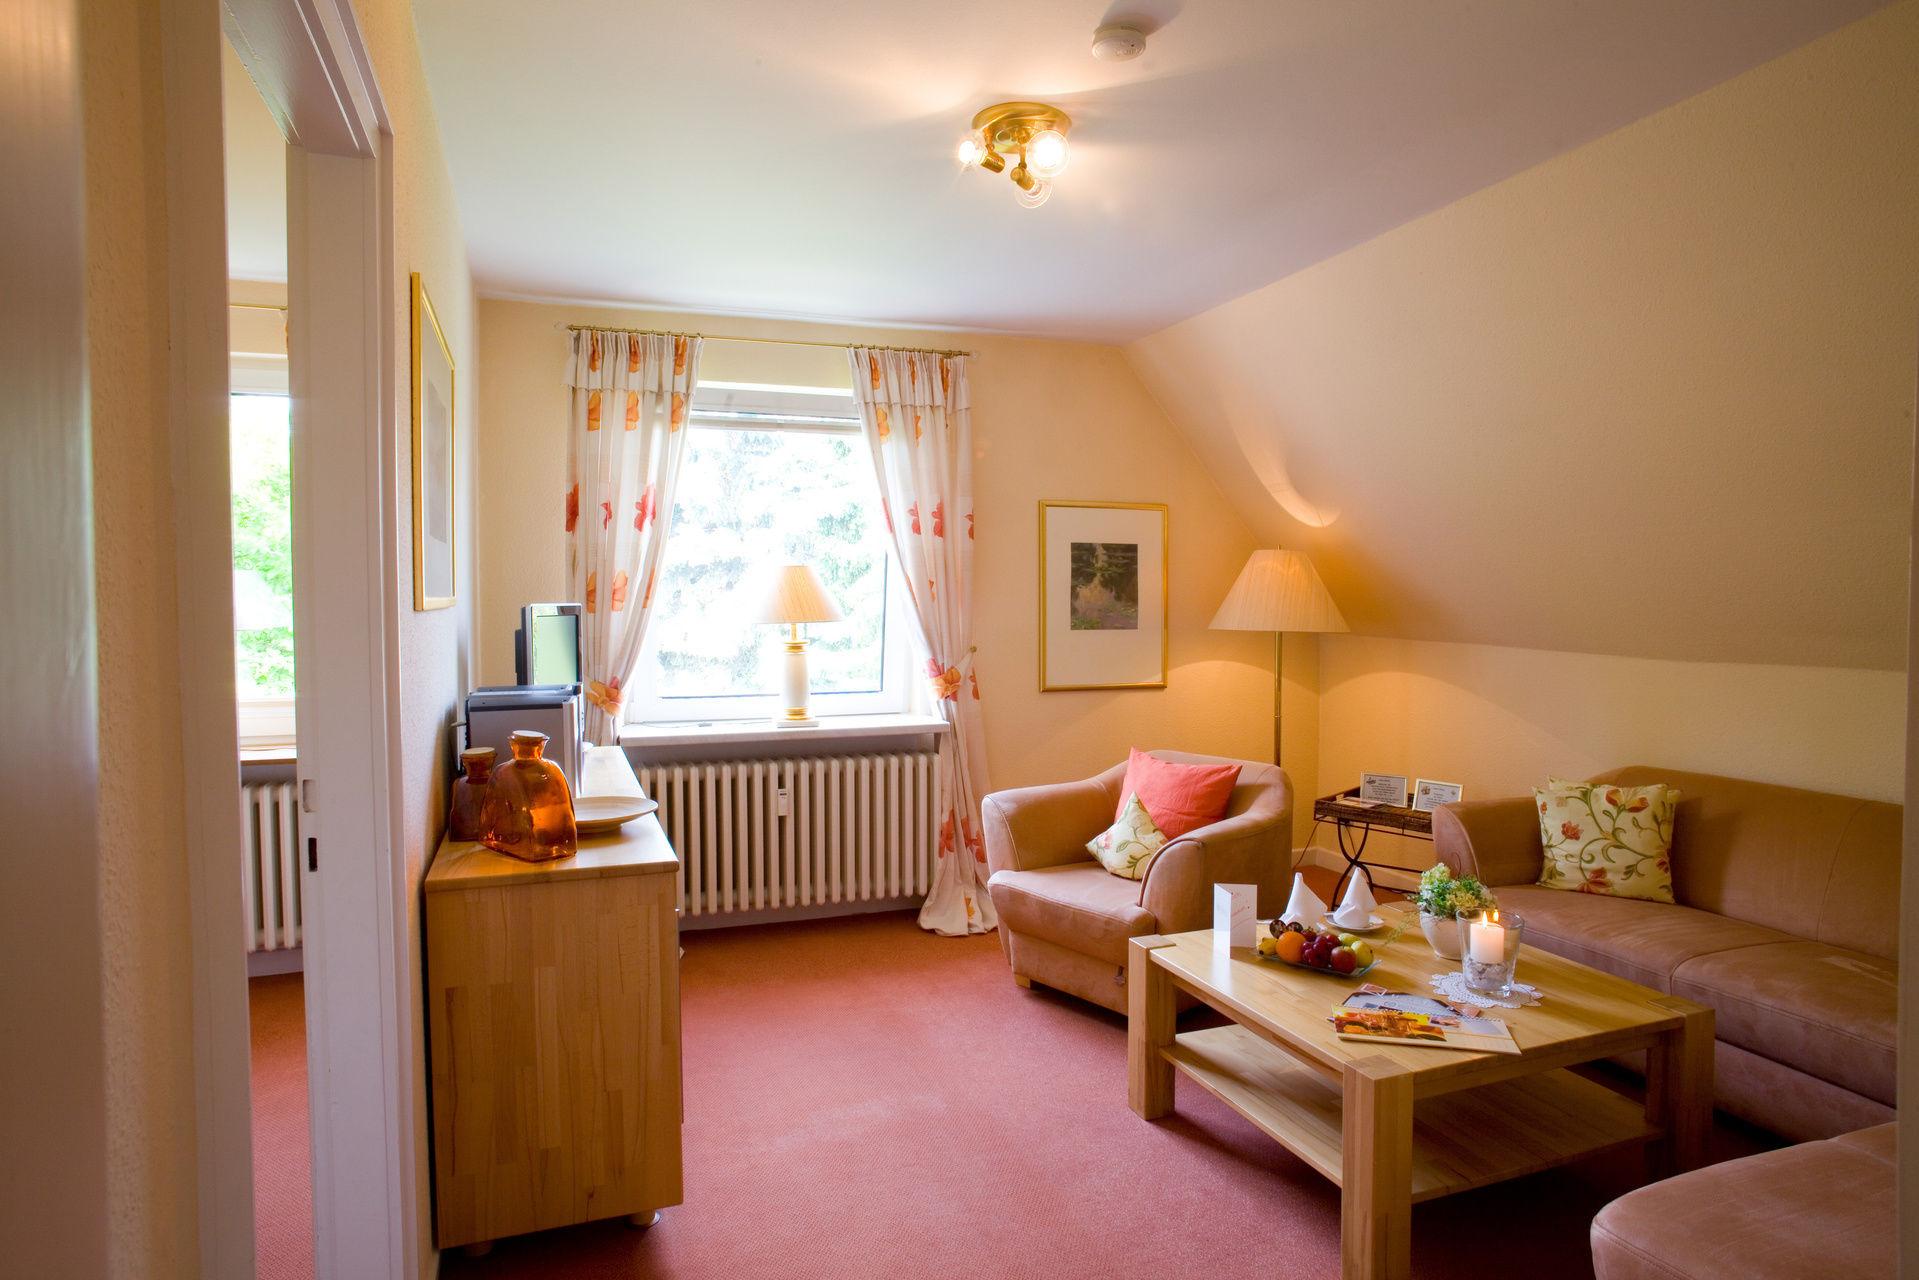 ferienwohnung bartels bad harzburg ferienwohnungen harz braunschweiger hof romantik hotel. Black Bedroom Furniture Sets. Home Design Ideas